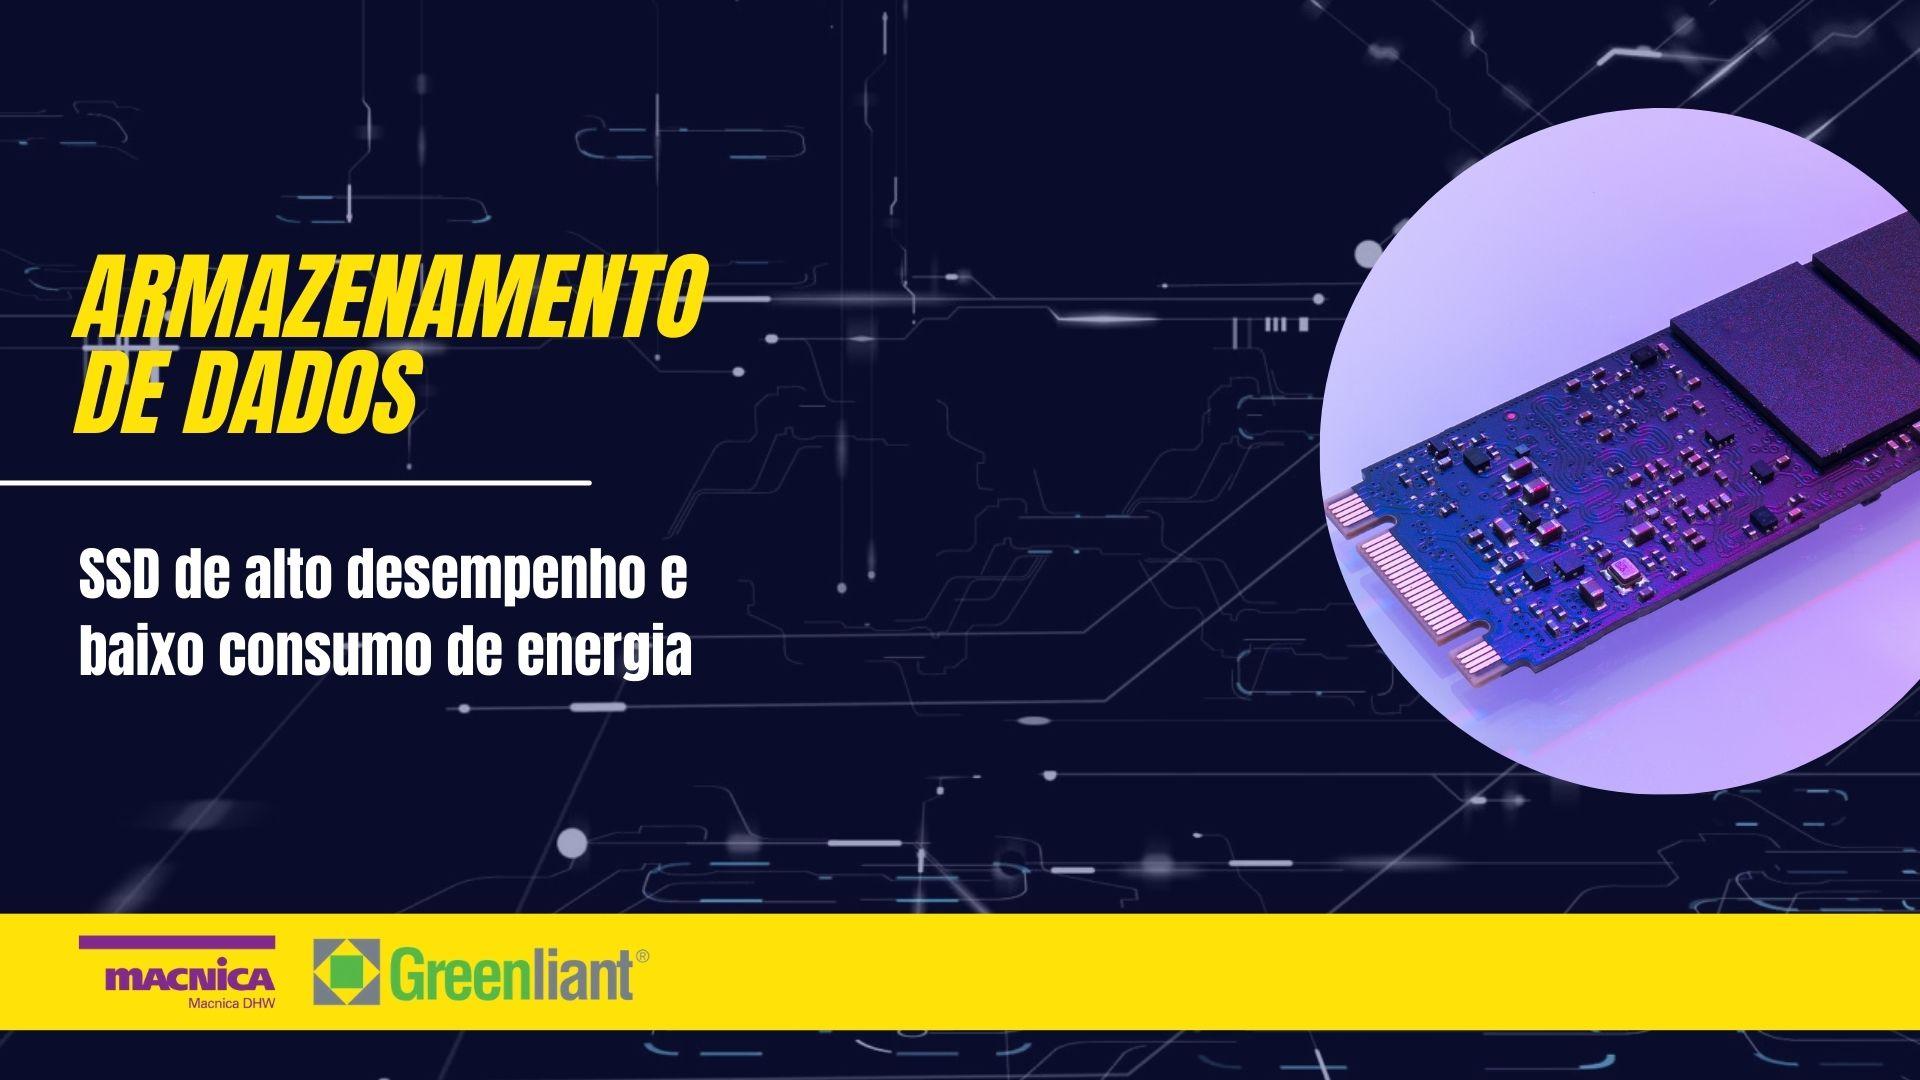 SSD de alto desempenho e baixo consumo de energia